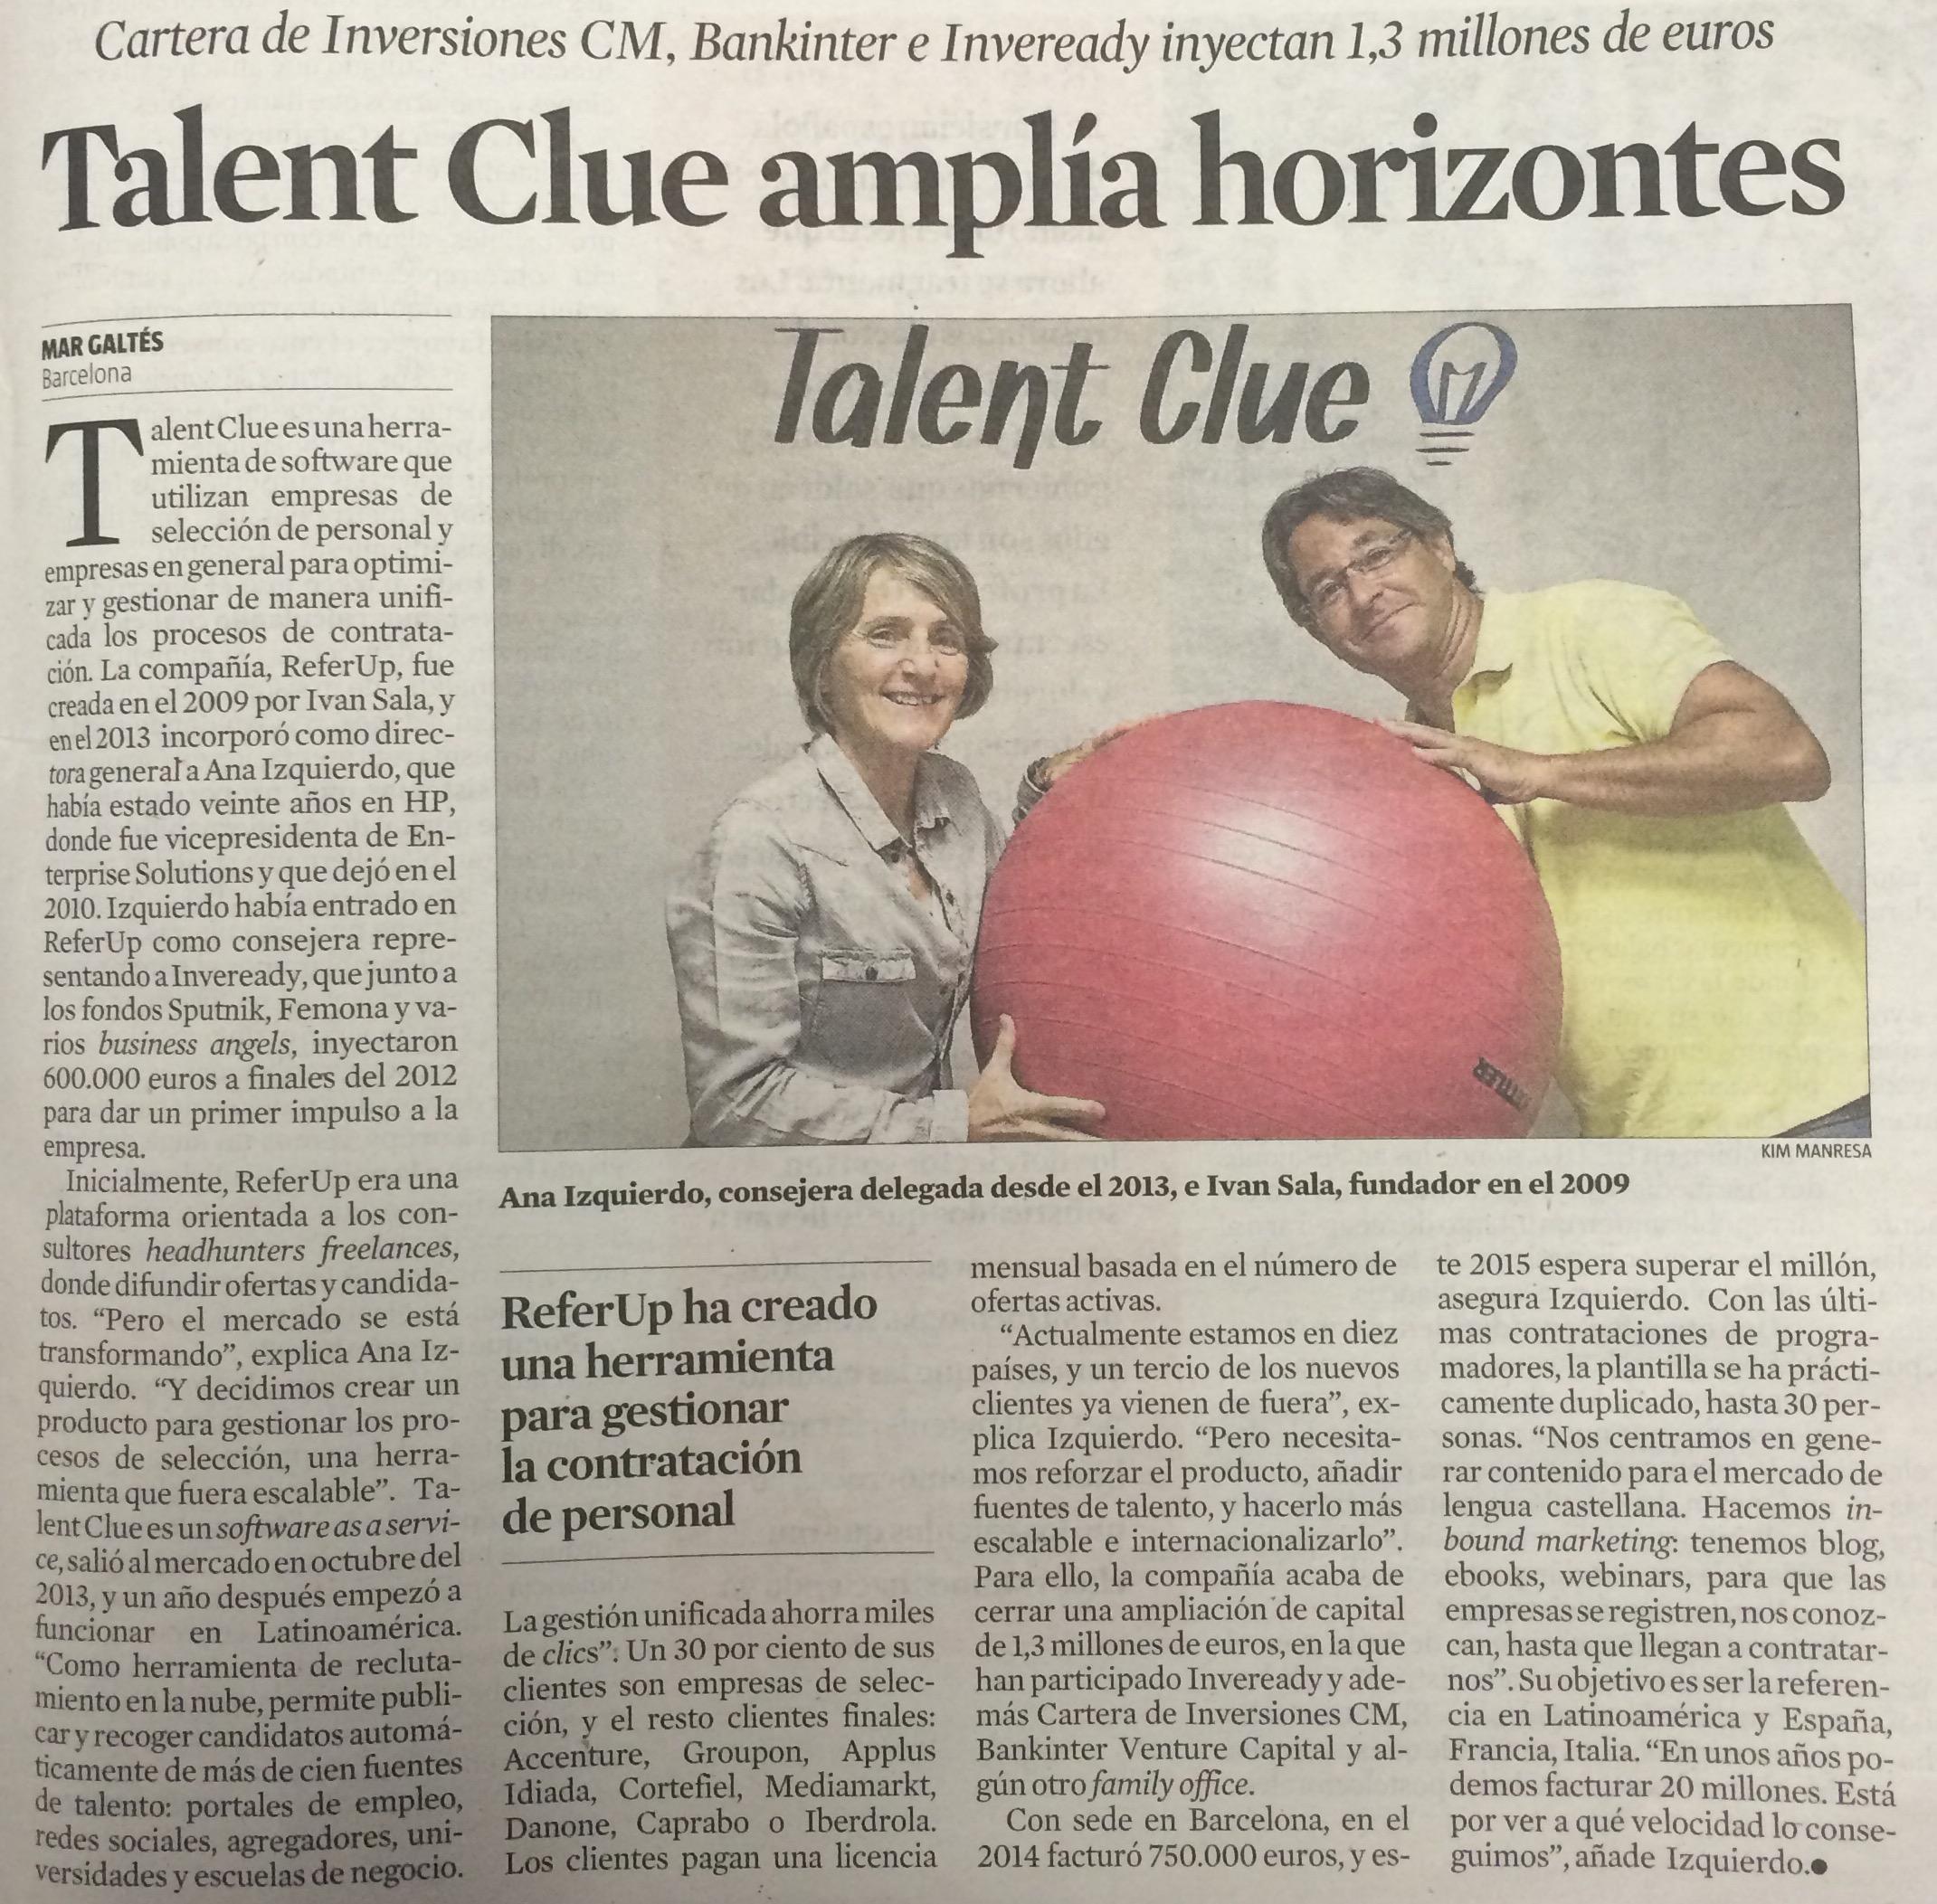 [La Vanguardia] Talent Clue Amplía Horizontes